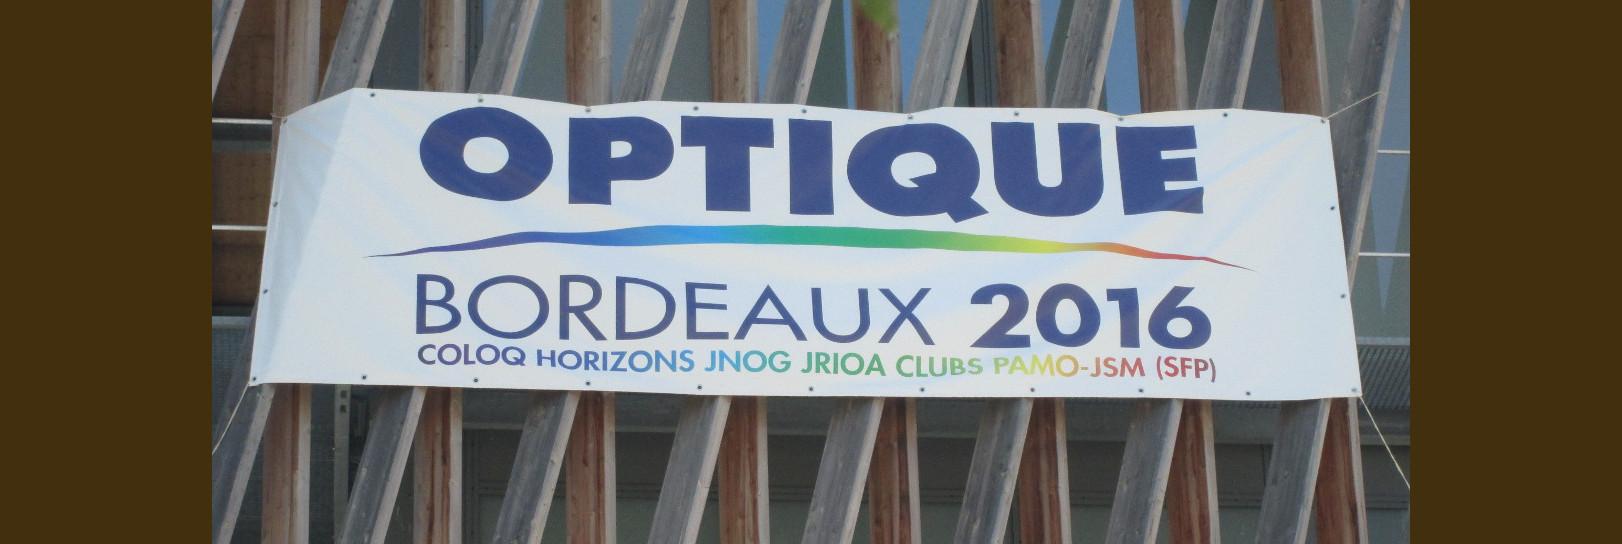 OPTIQUE Bordeaux 2016